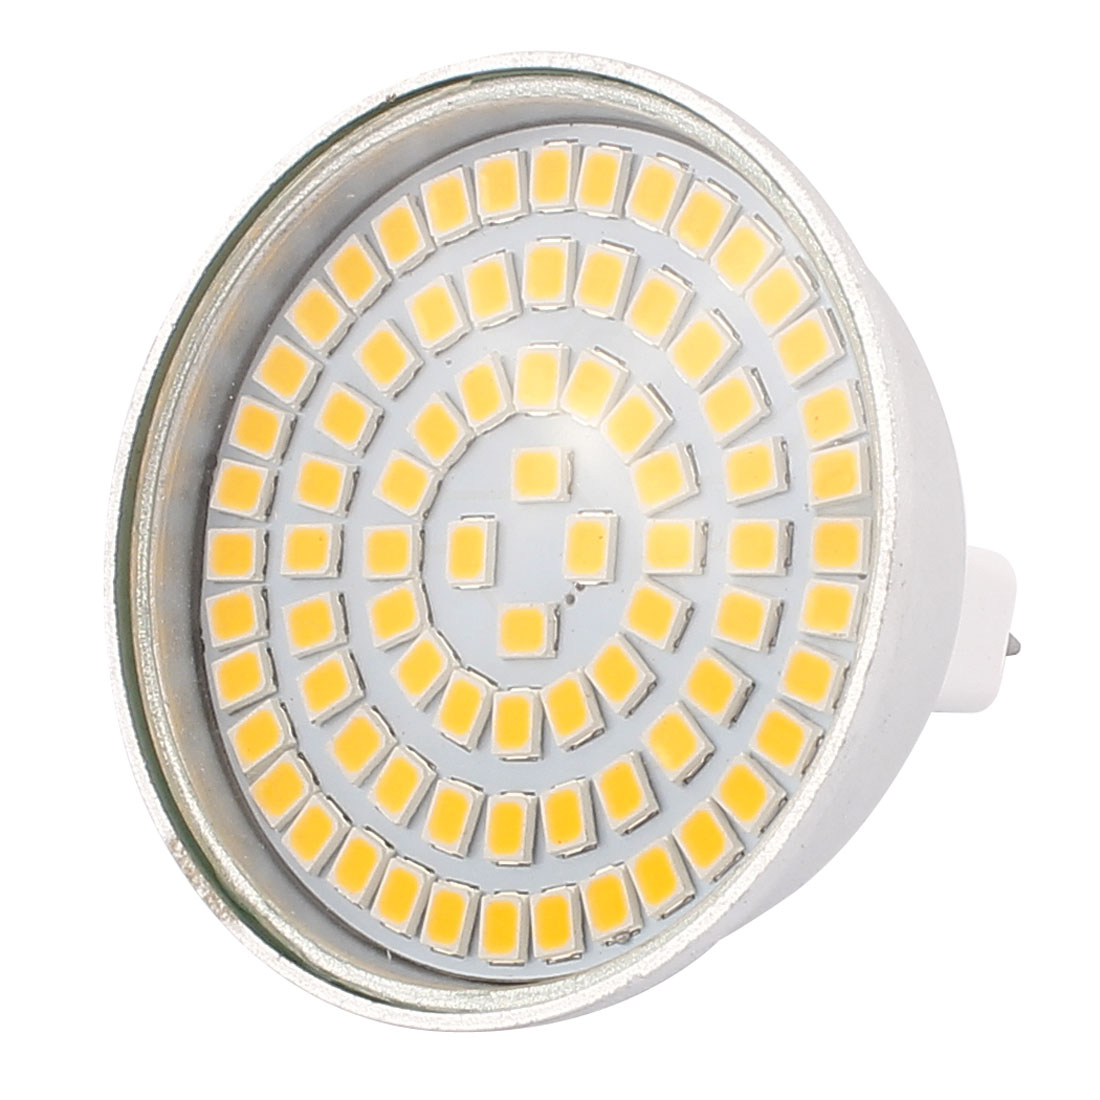 110V 8W MR16 2835 SMD 80 LEDs LED Bulb Light Spotlight Lamp Energy Save Warm White